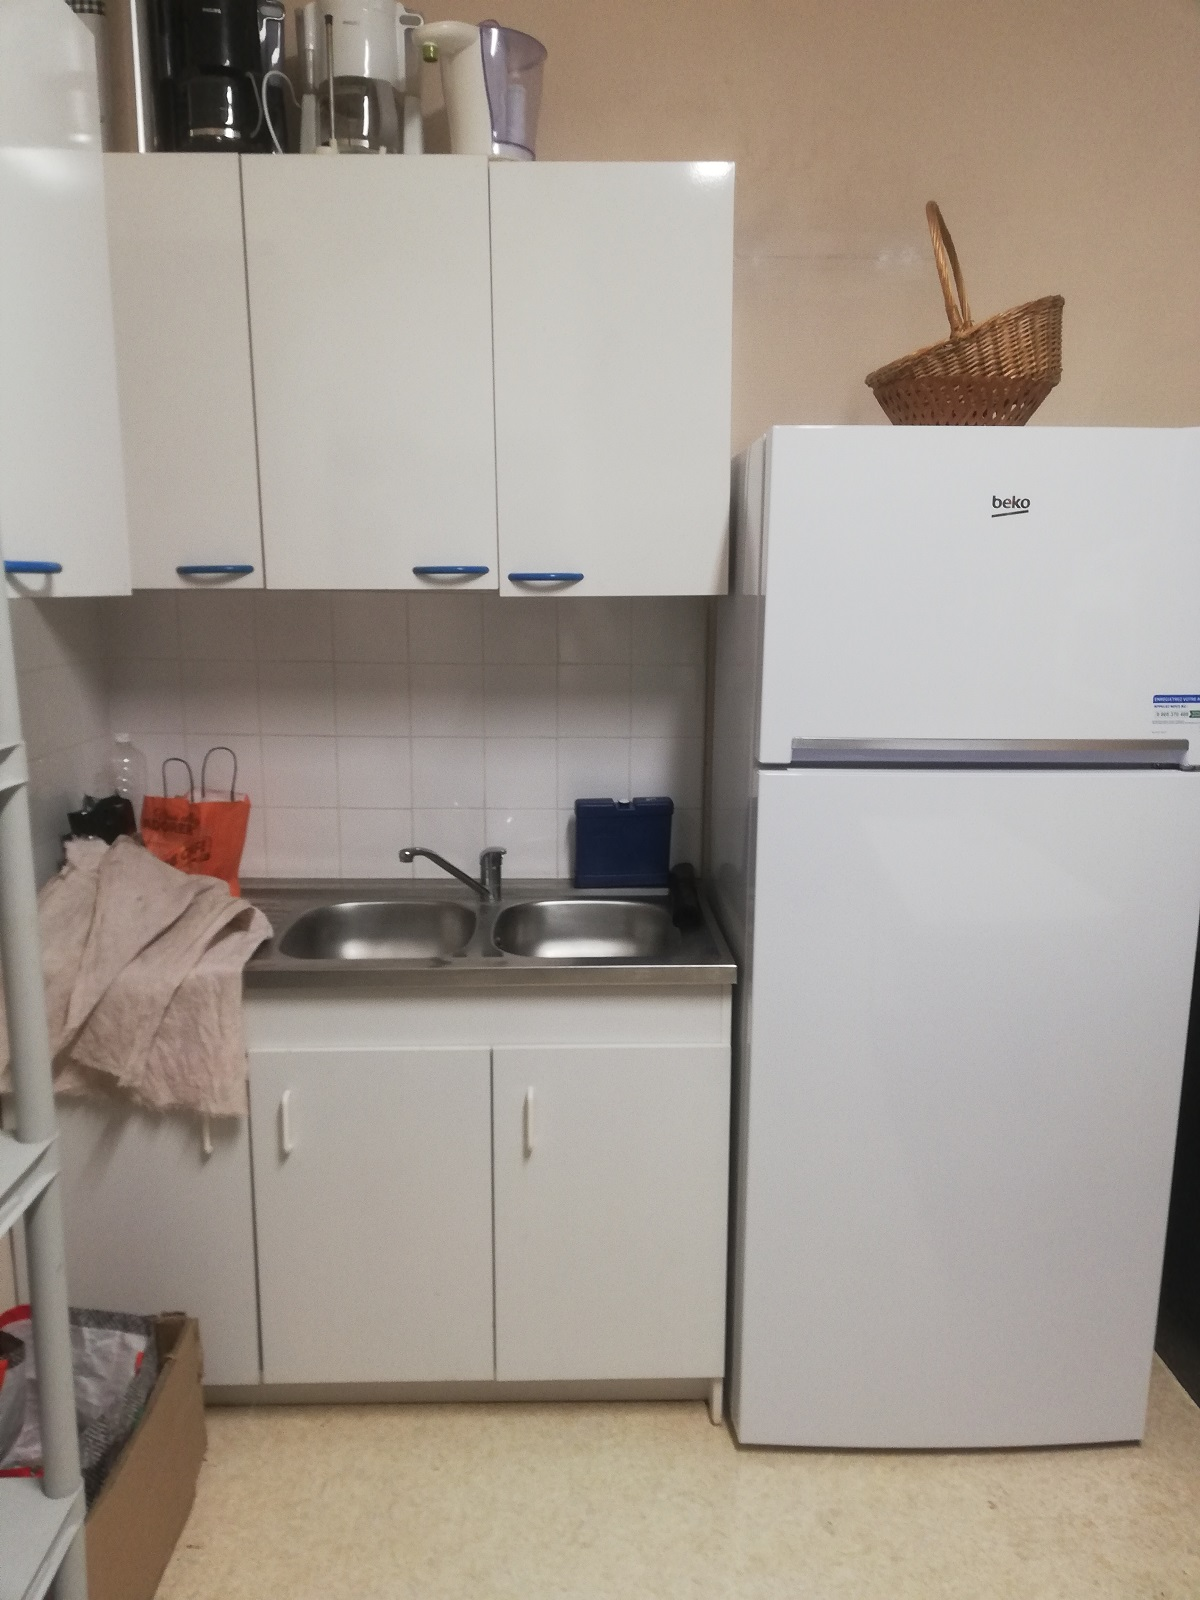 Un frigo plus performant a été installé dans la cuisine